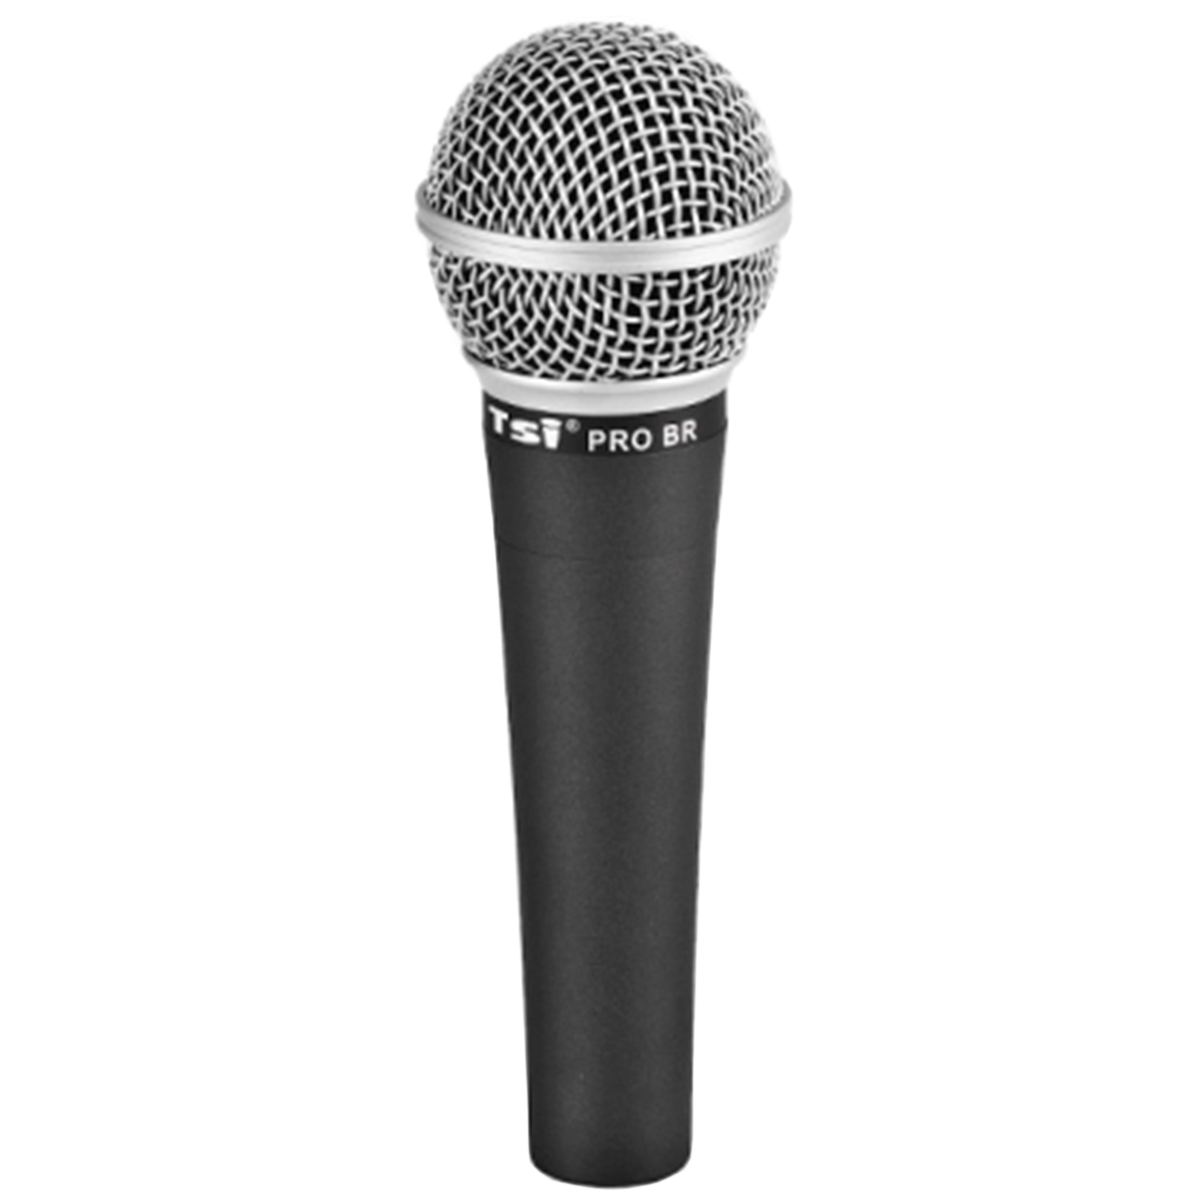 PROBR - Microfone c/ Fio de M�o PRO BR - TSI